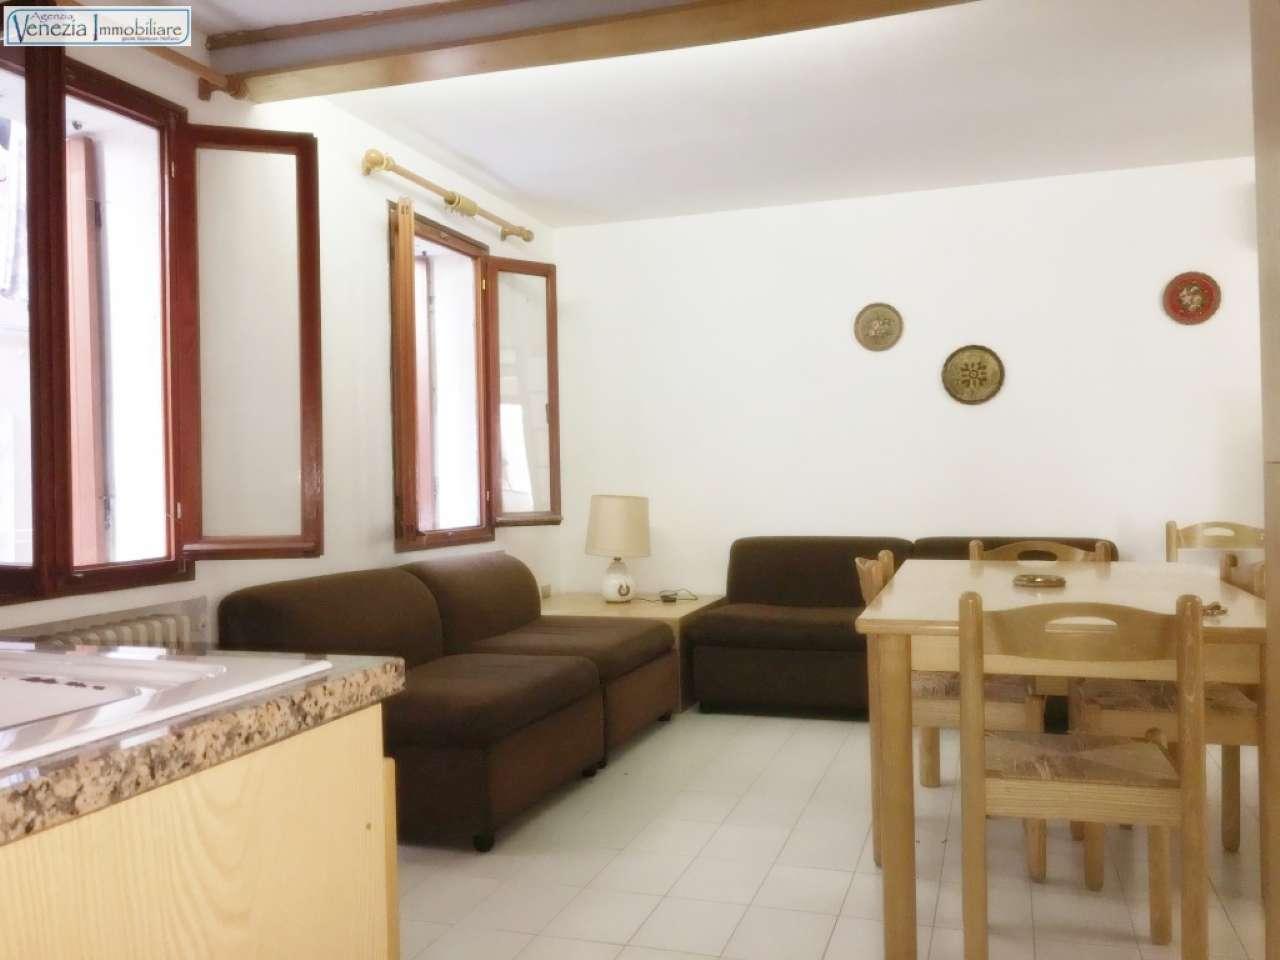 Appartamento in vendita a Chioggia, 1 locali, prezzo € 120.000 | CambioCasa.it